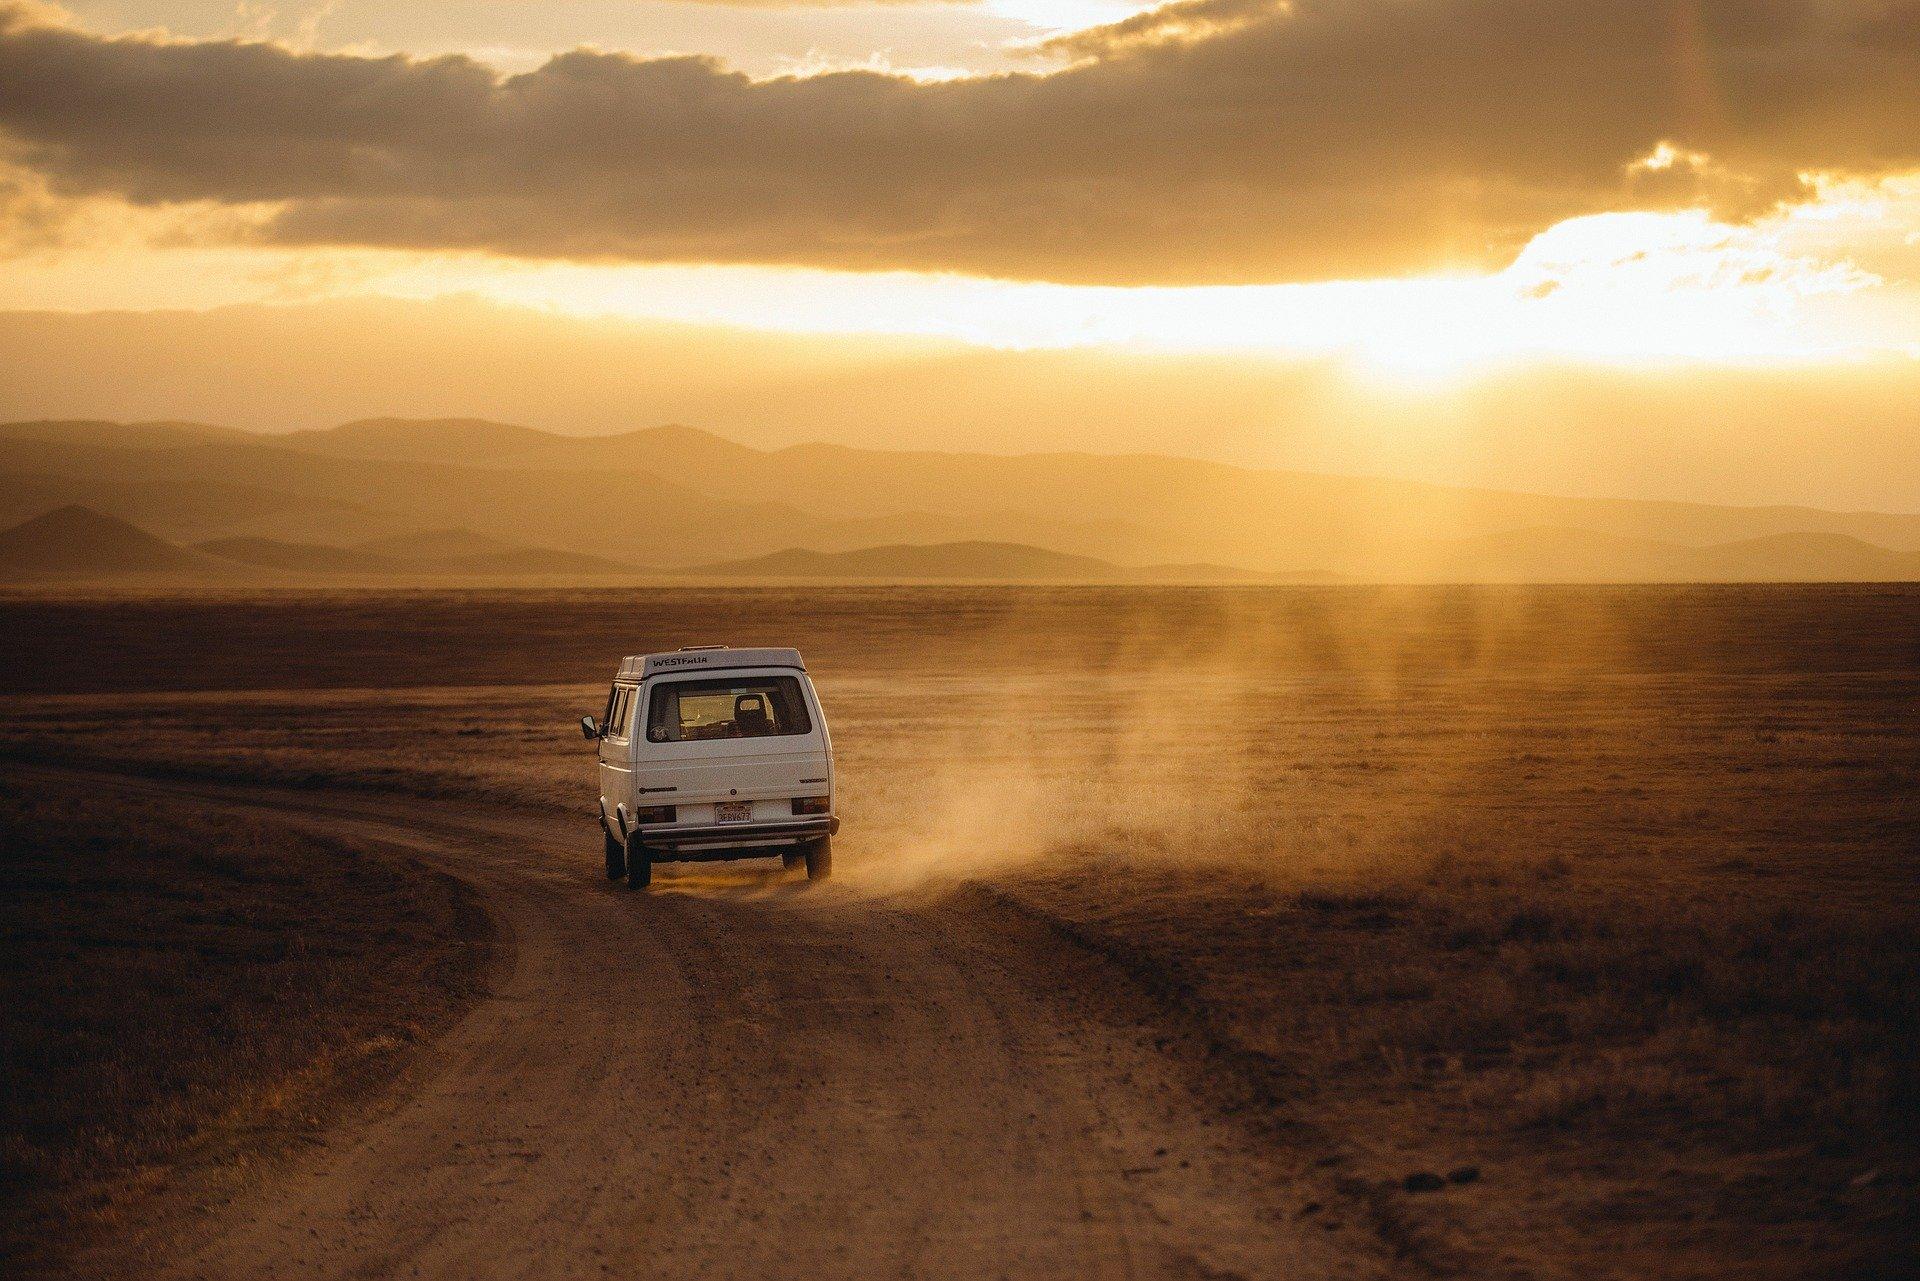 desert aventure a propos